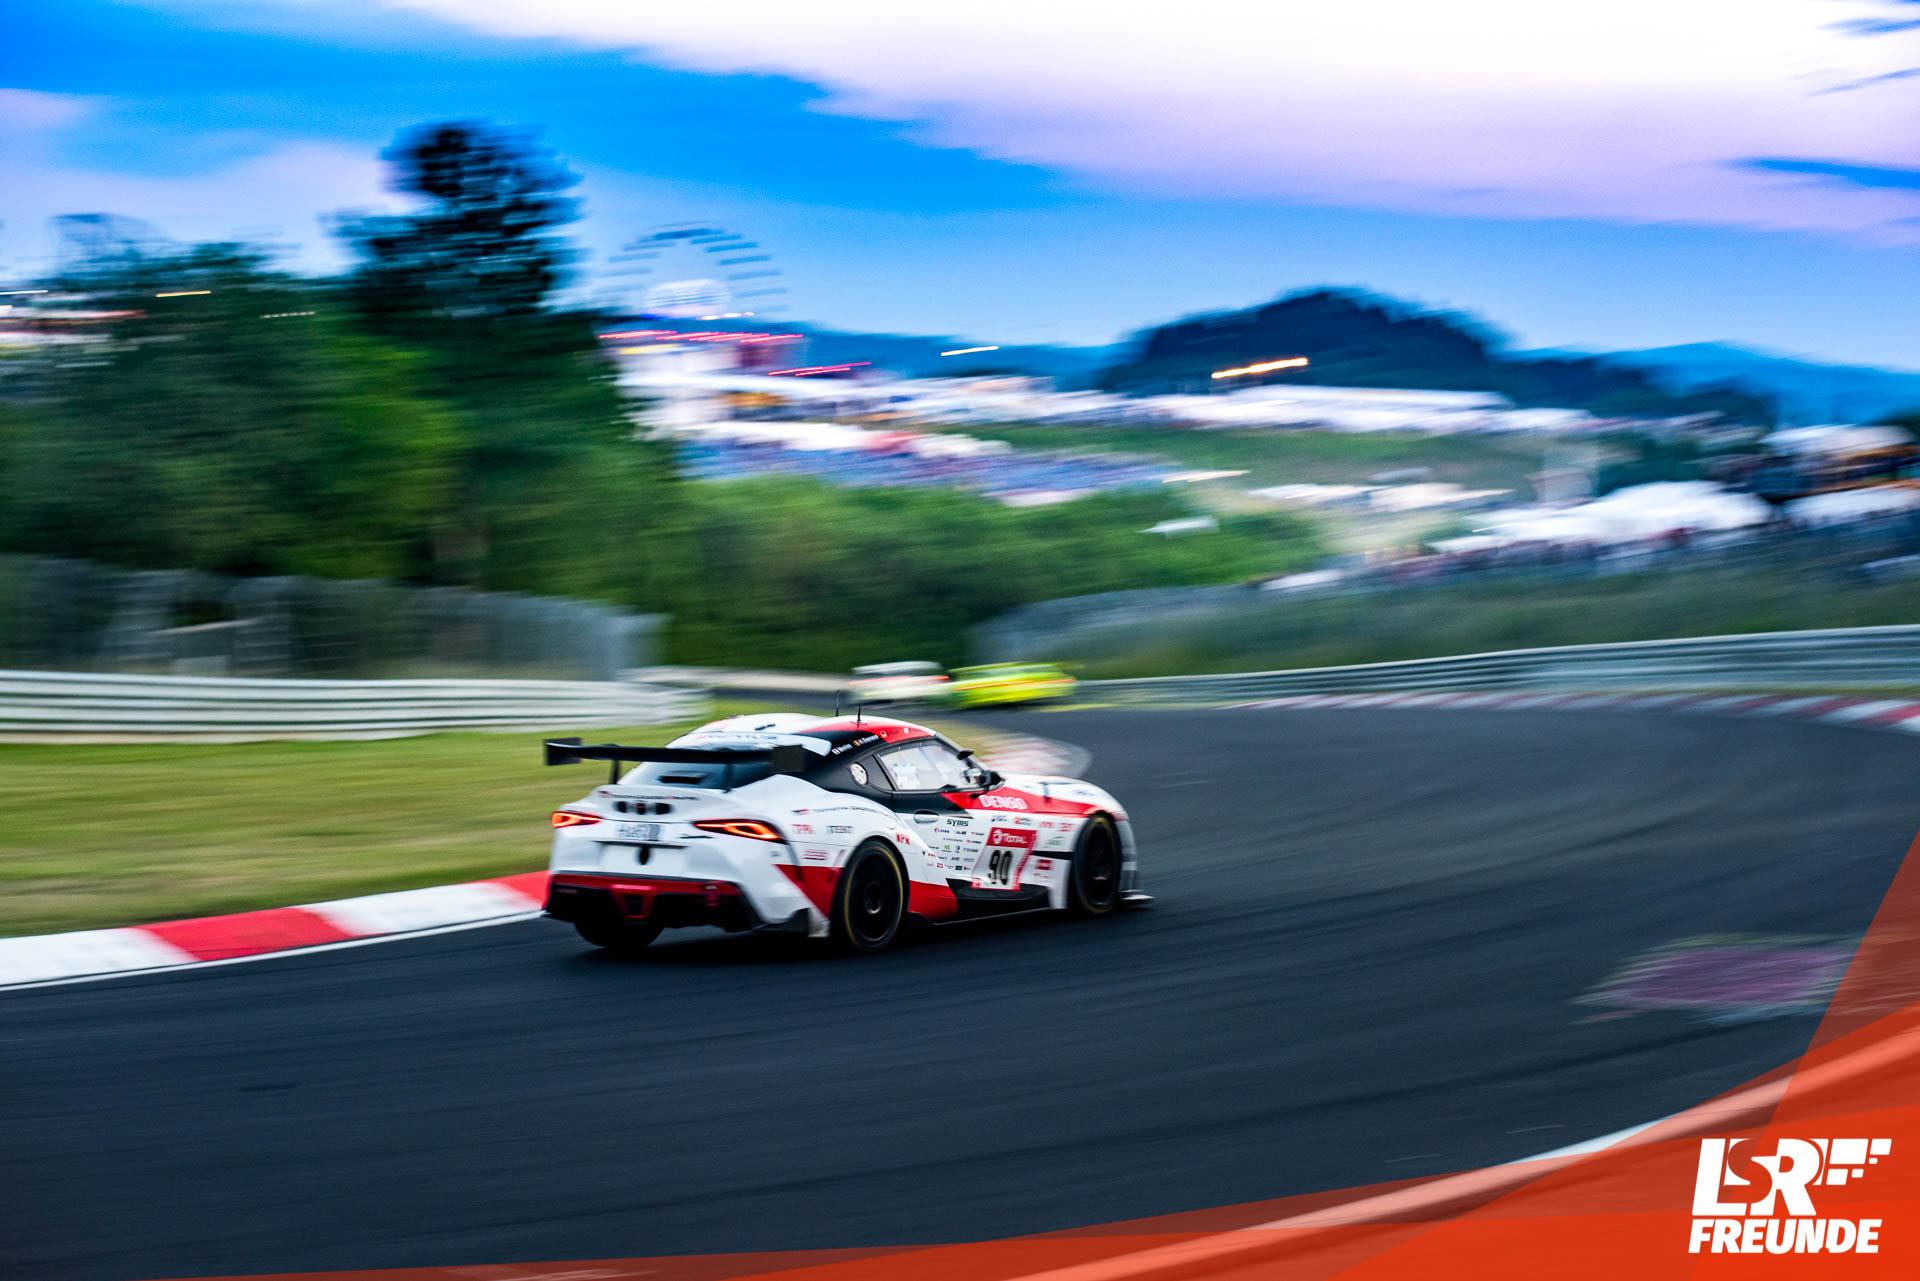 Toyota Supra GT4 beim ADAC TOTAL 24h-Rennen am Nürburgring 2019, Bereich Einfahrt Hatzenbach